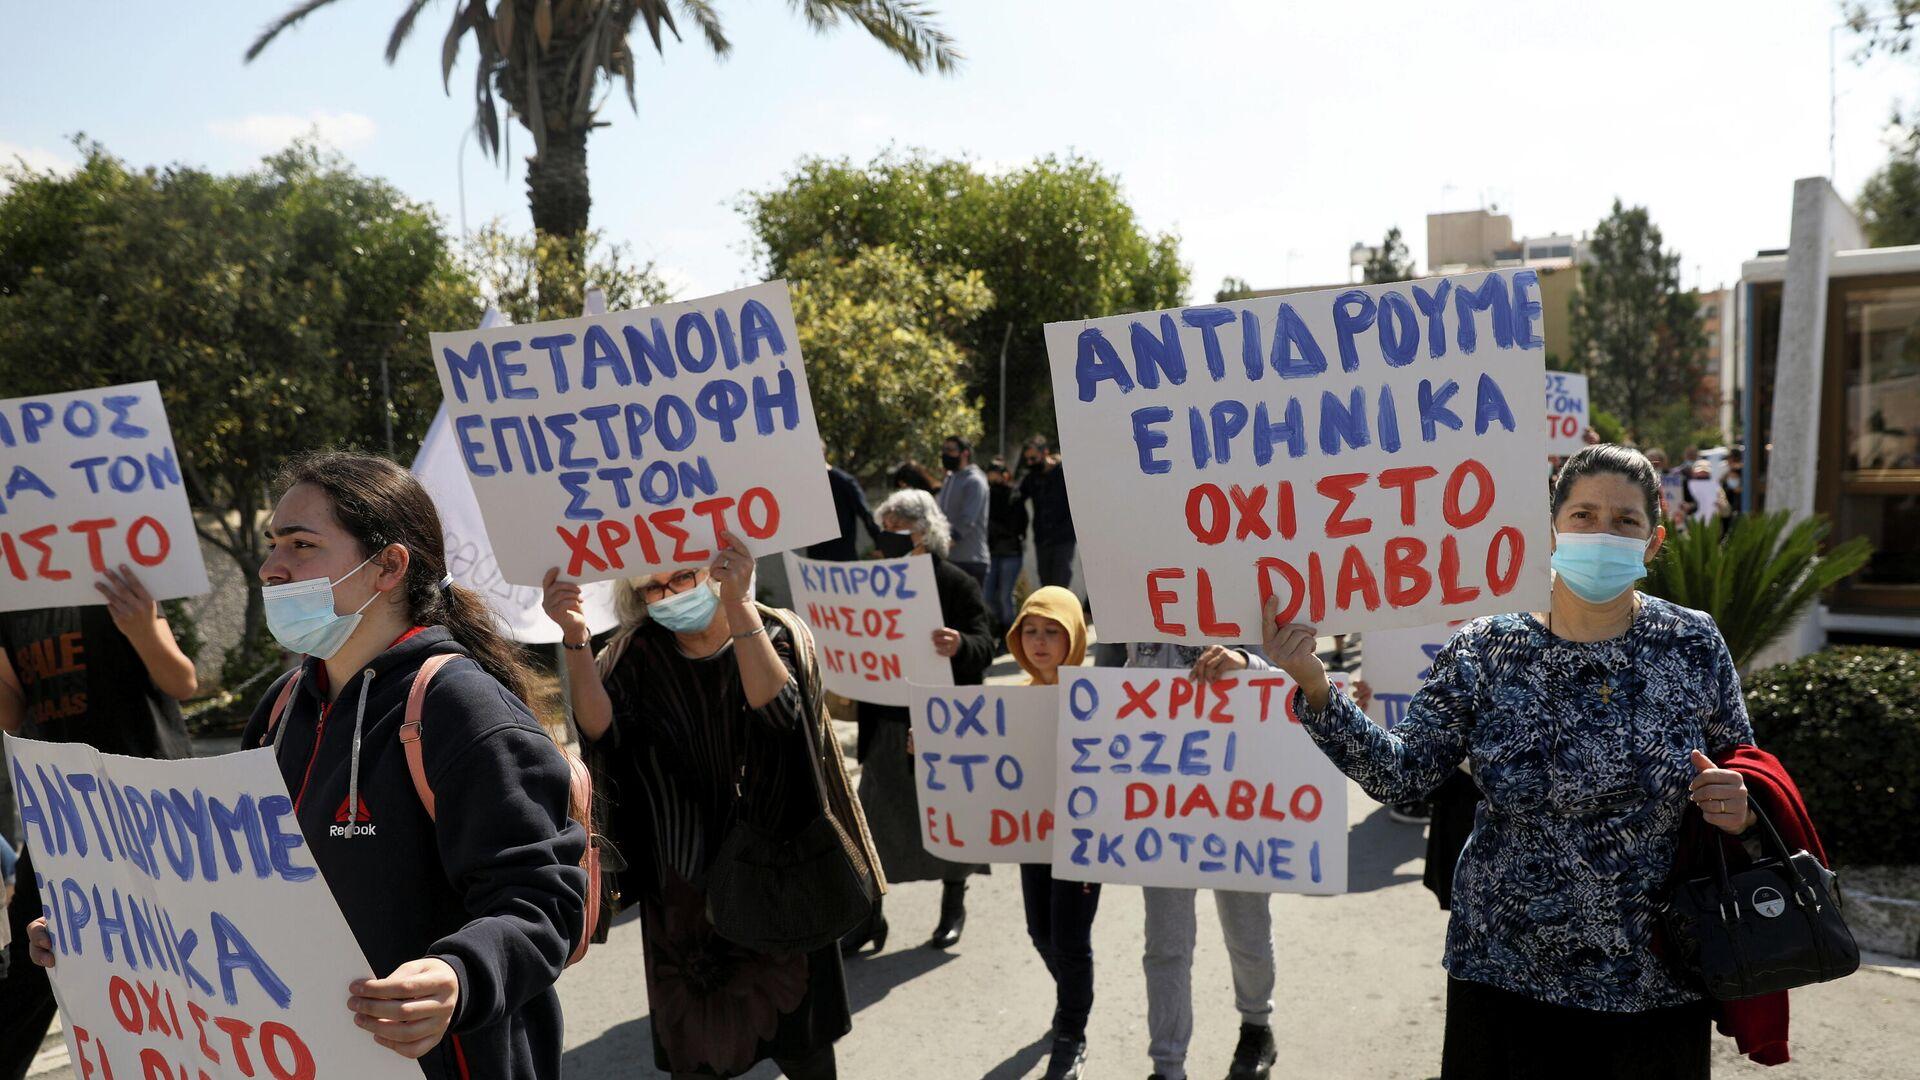 Unas personas sostienen pancartas durante una protesta contra la canción El Diablo, elegida por el país para representar a Chipre en el concurso anual de Eurovisión - Sputnik Mundo, 1920, 22.03.2021